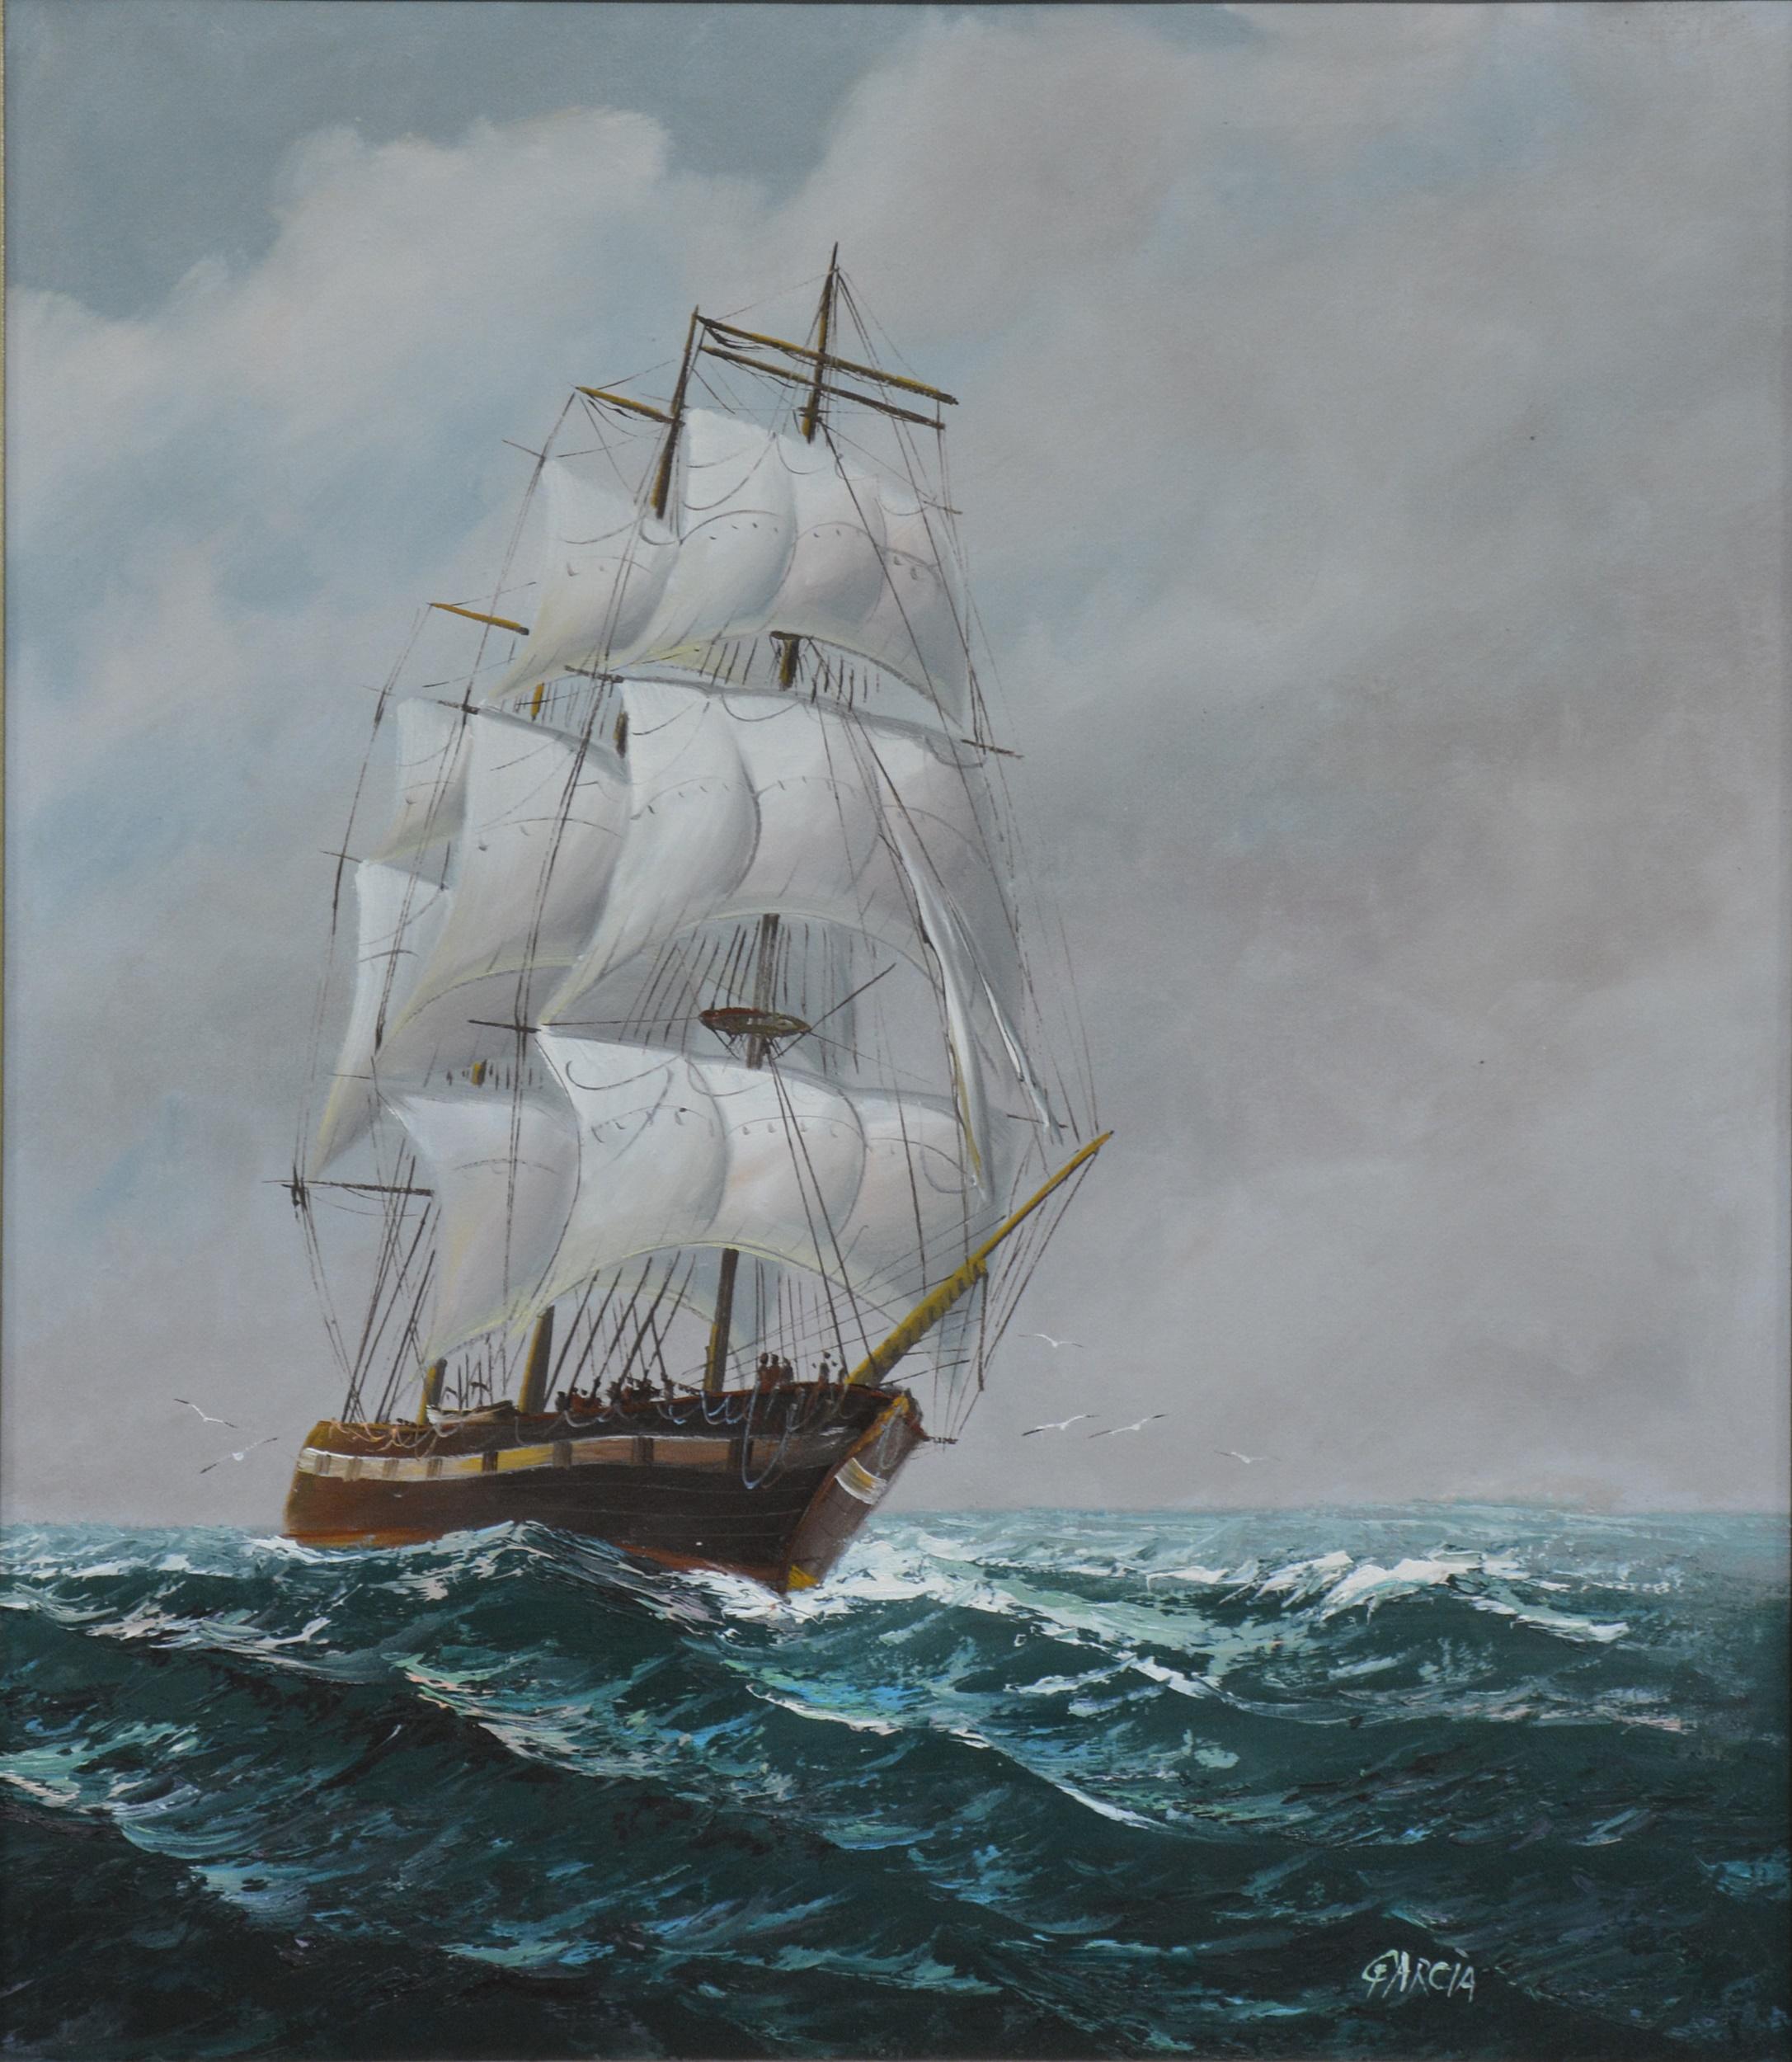 Garcia (Contemporary) - Galleon at Sea - Image 2 of 4